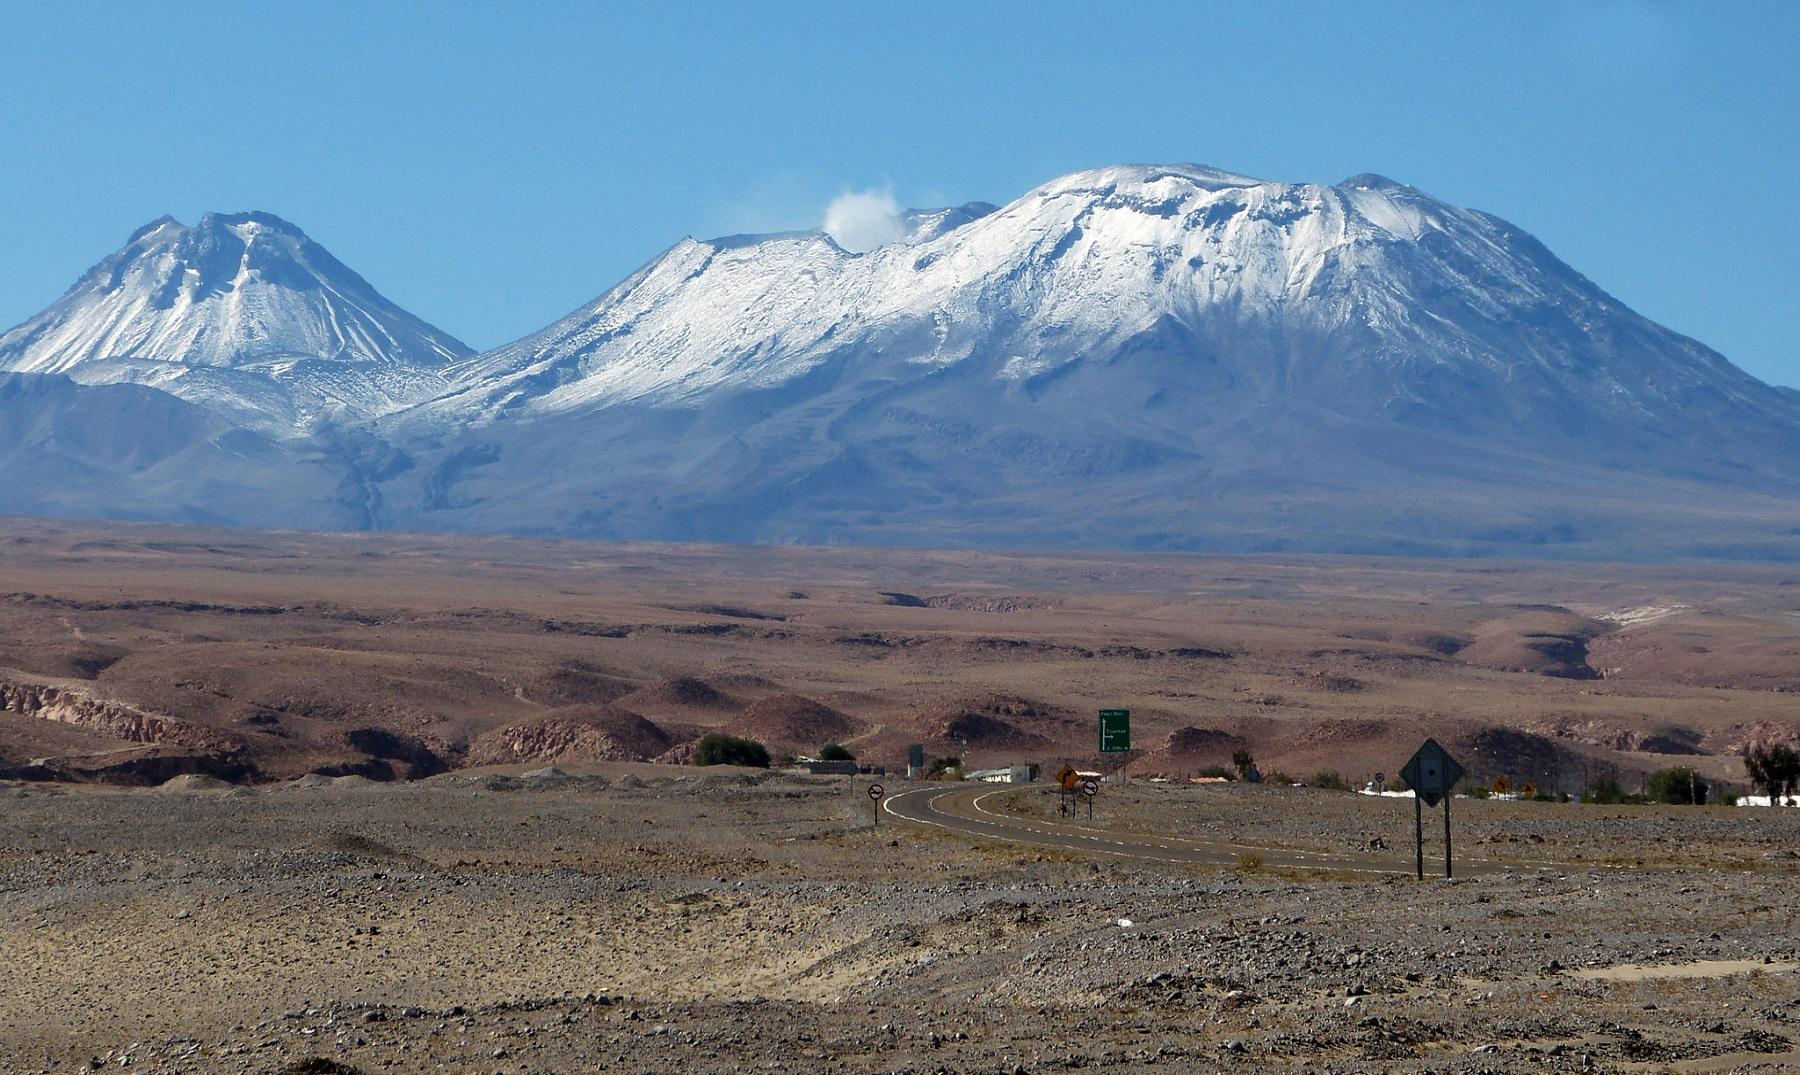 ¿Cuál es el desierto más árido del mundo?